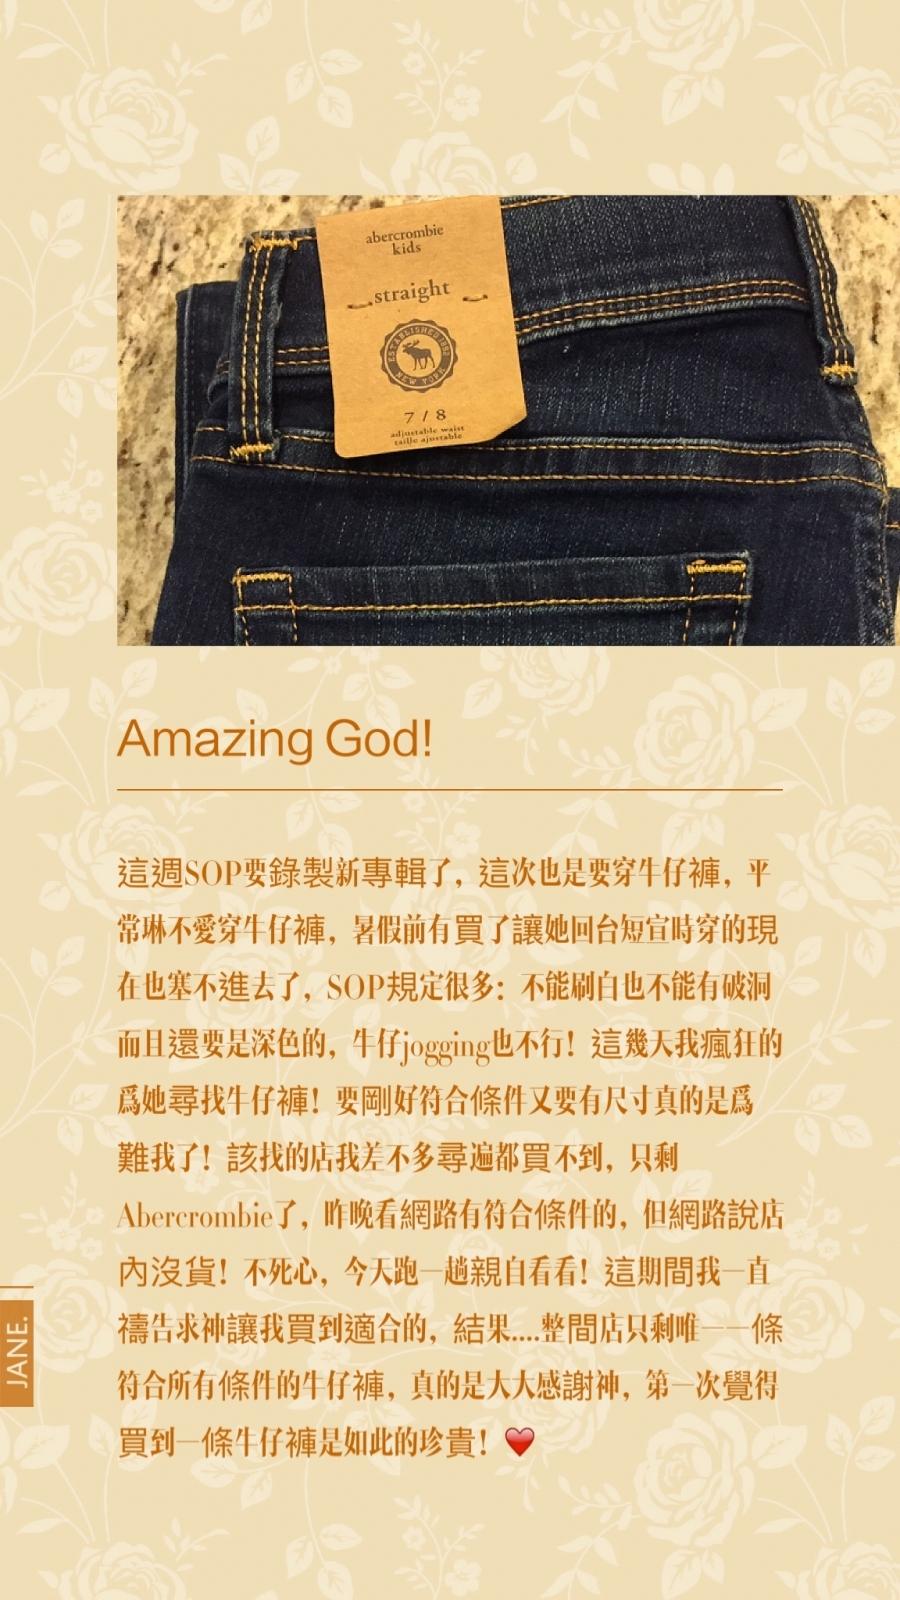 Amazing God!